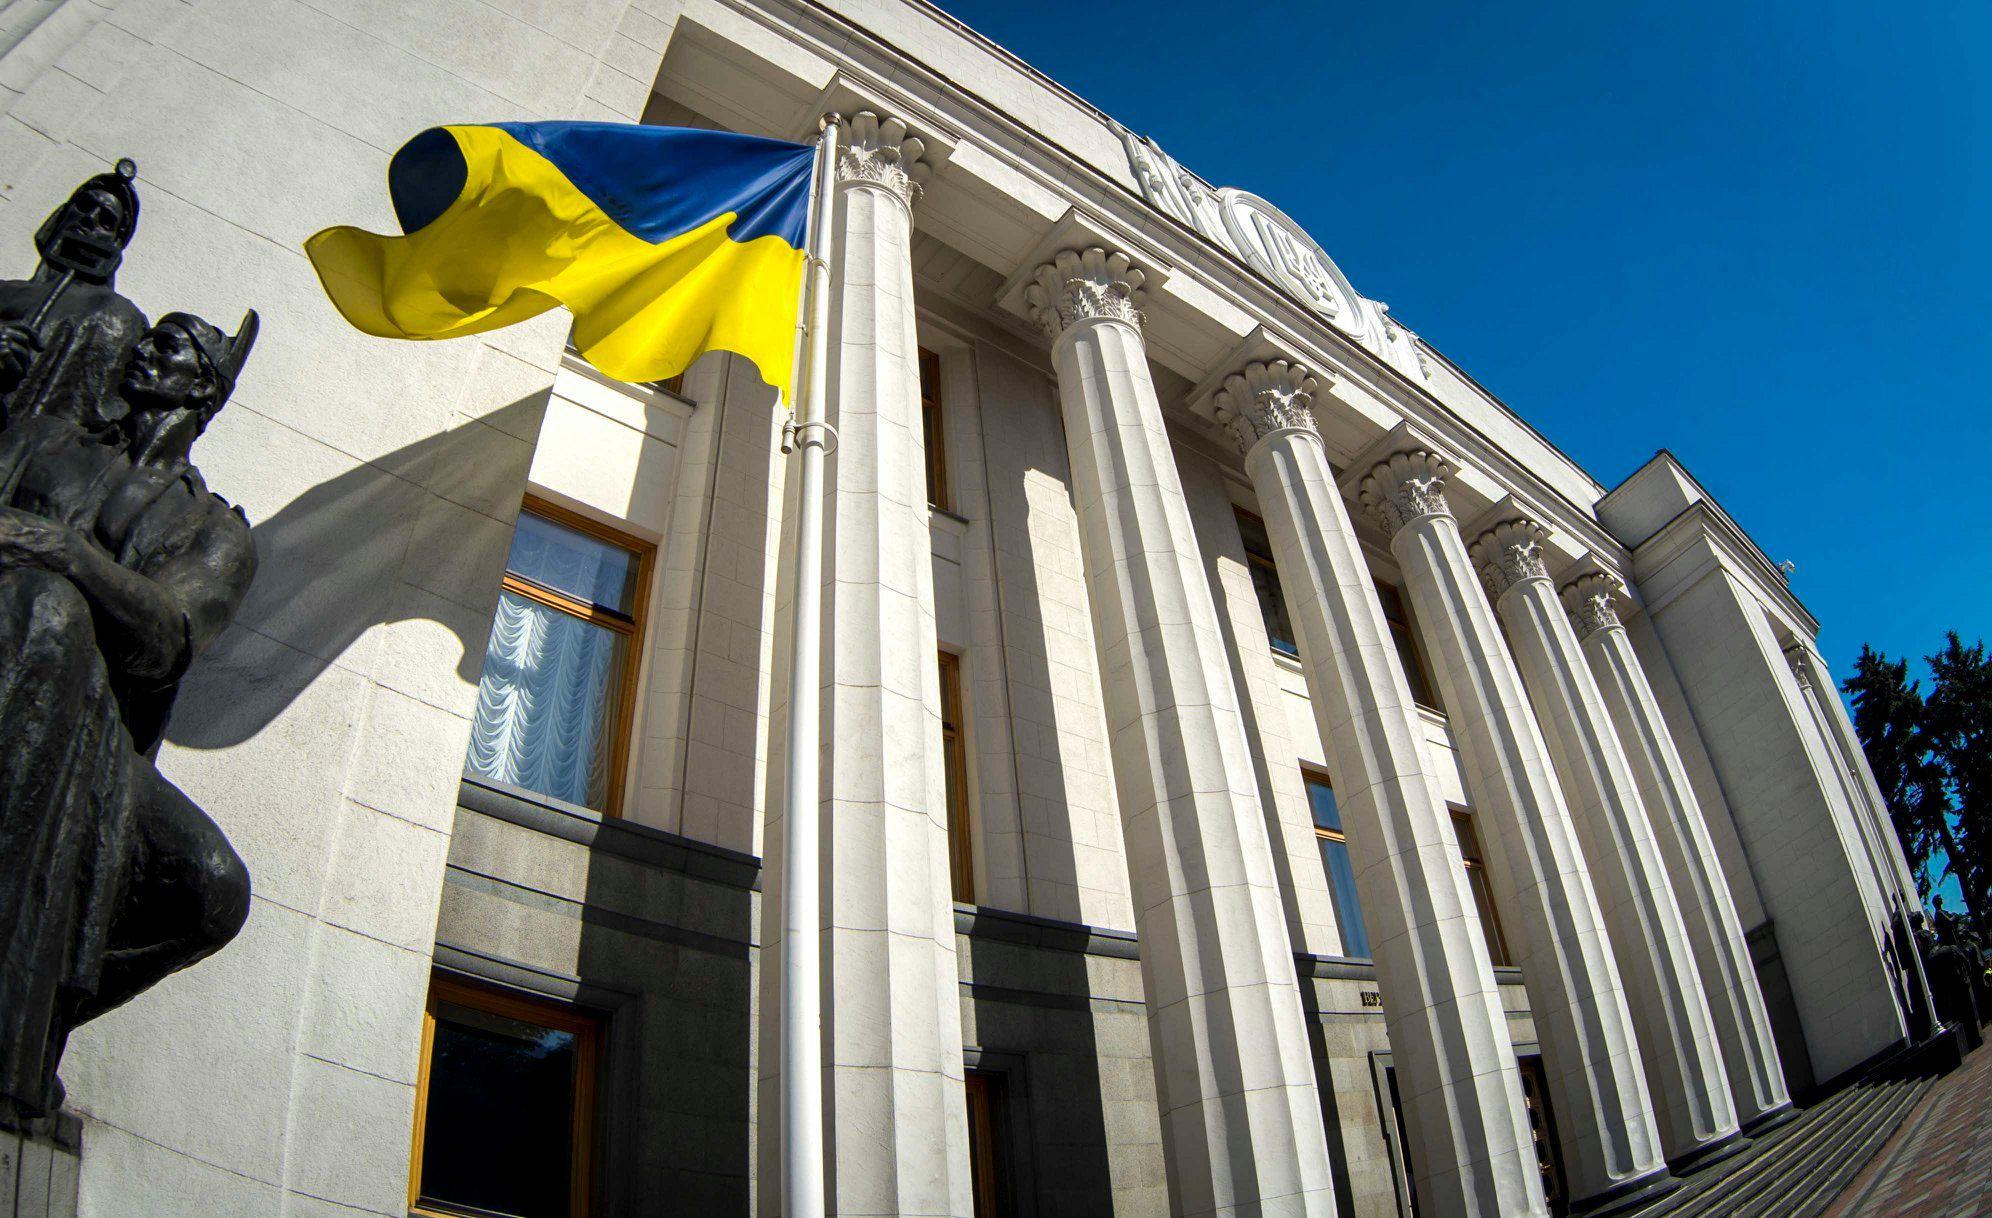 Про внесення змін до Постанови  Верховної Ради України «Про проведення у 2020 році весняної сесії Парламентської асамблеї Організації Північноатлантичного договору»